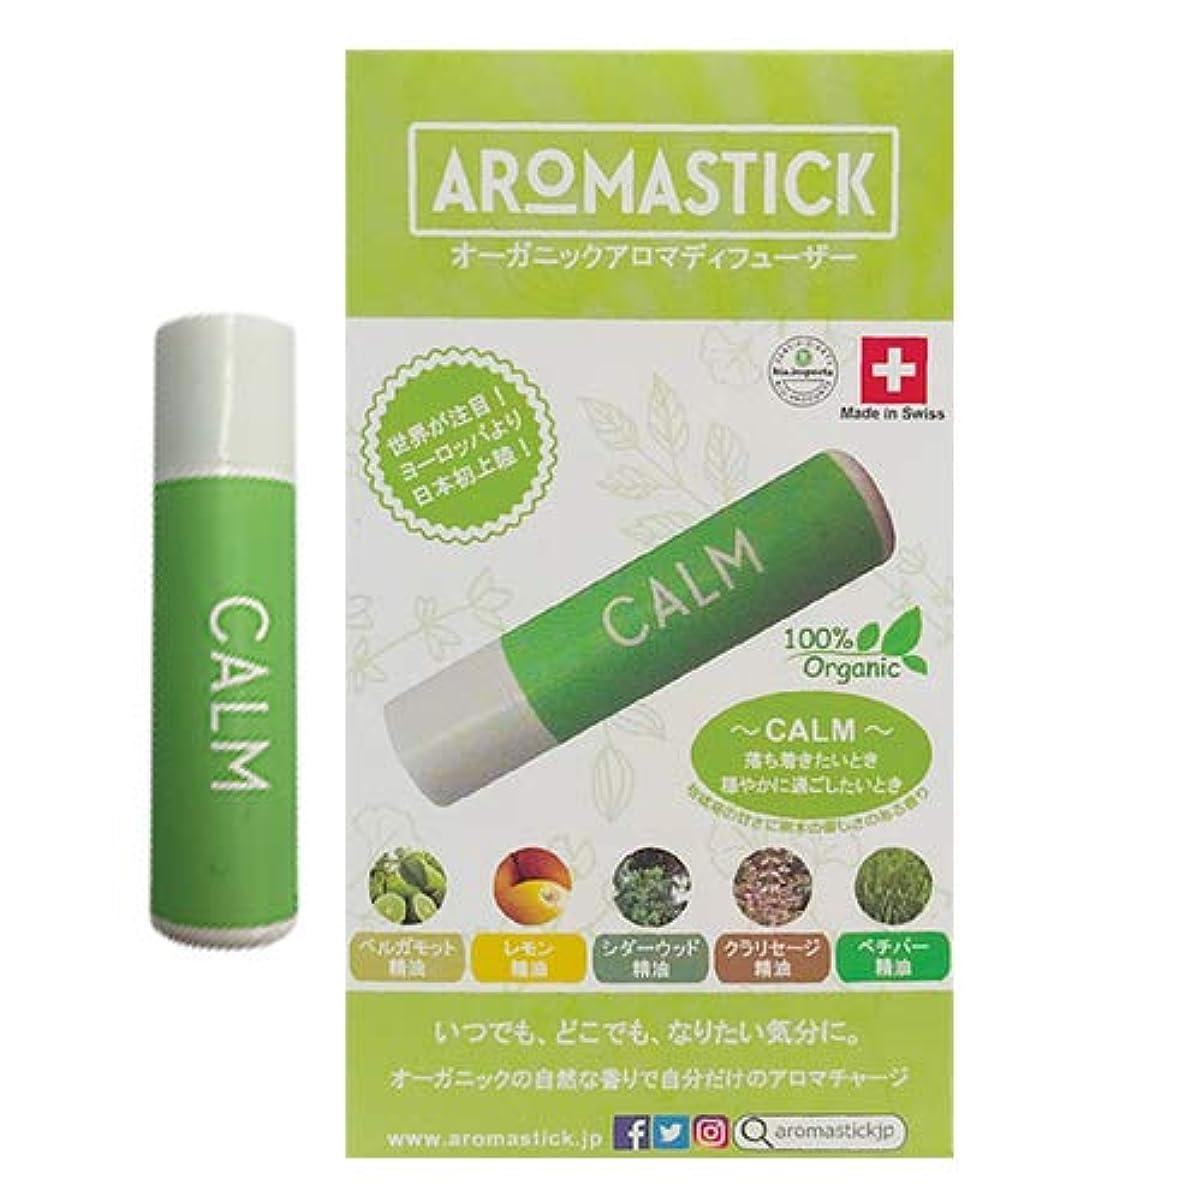 騒最大接続オーガニックアロマディフューザー アロマスティック(aromastick) カーム [CALM]×2個セット